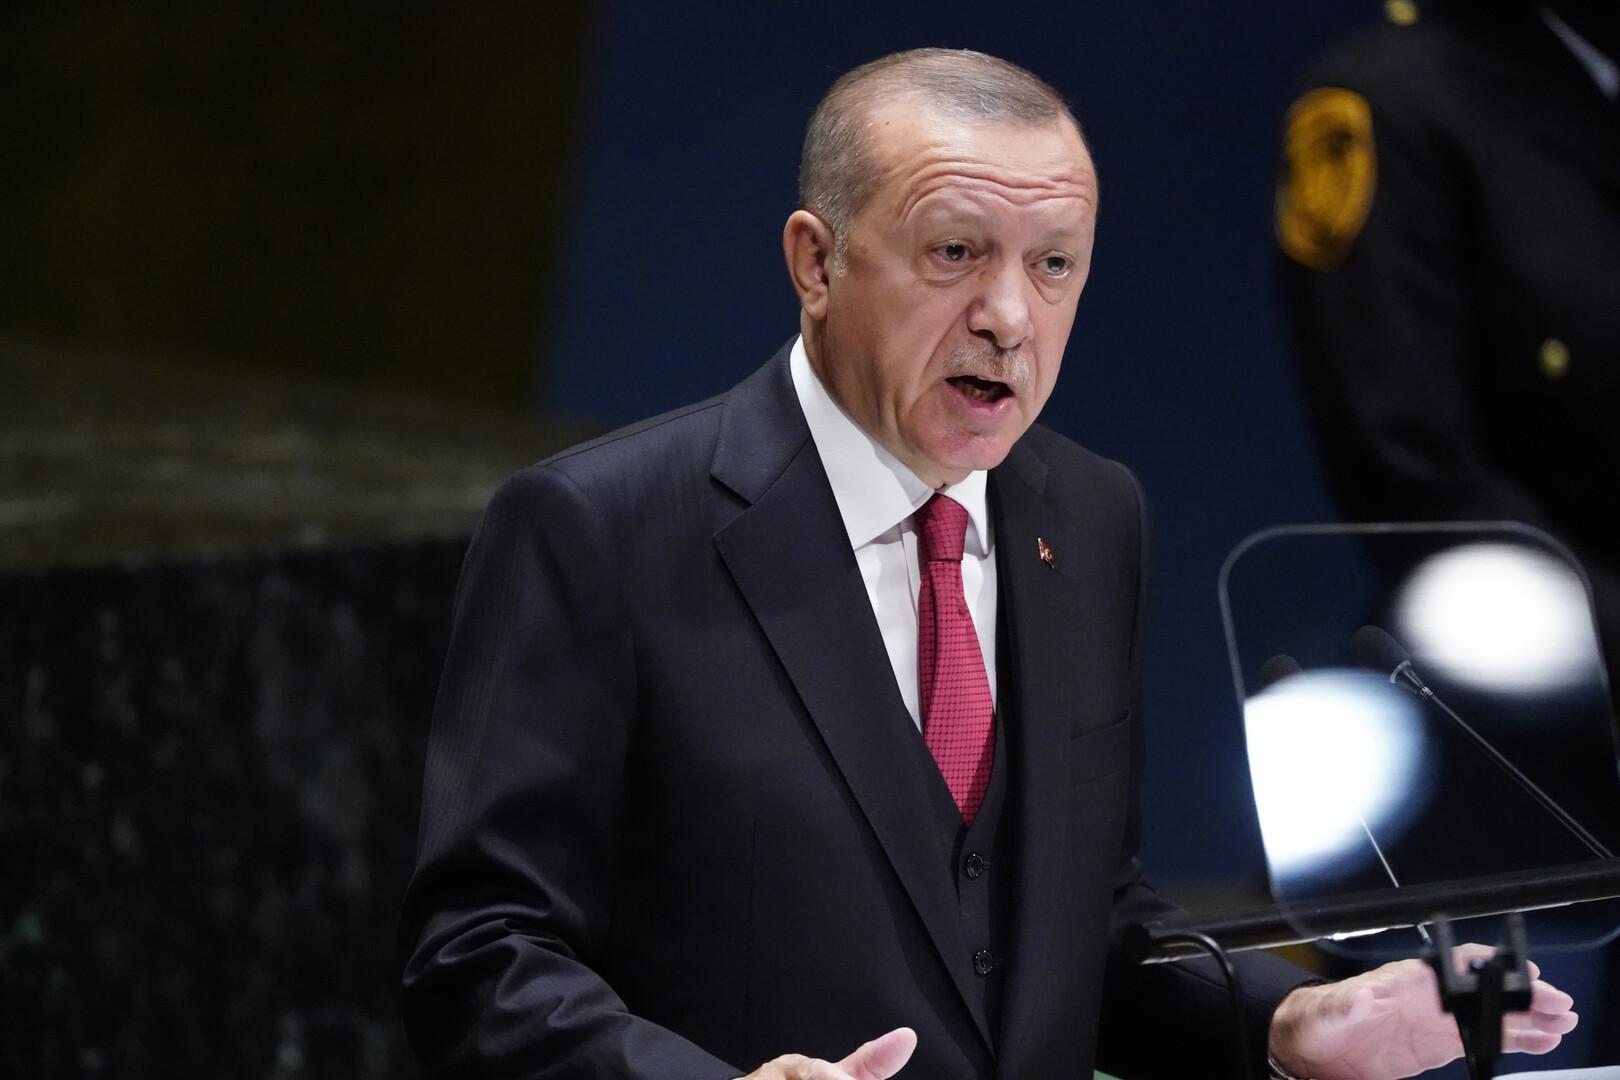 أردوغان: الإسلام تراجع في إفريقيا بسبب الأنشطة التبشيرية والإعلام الغربي